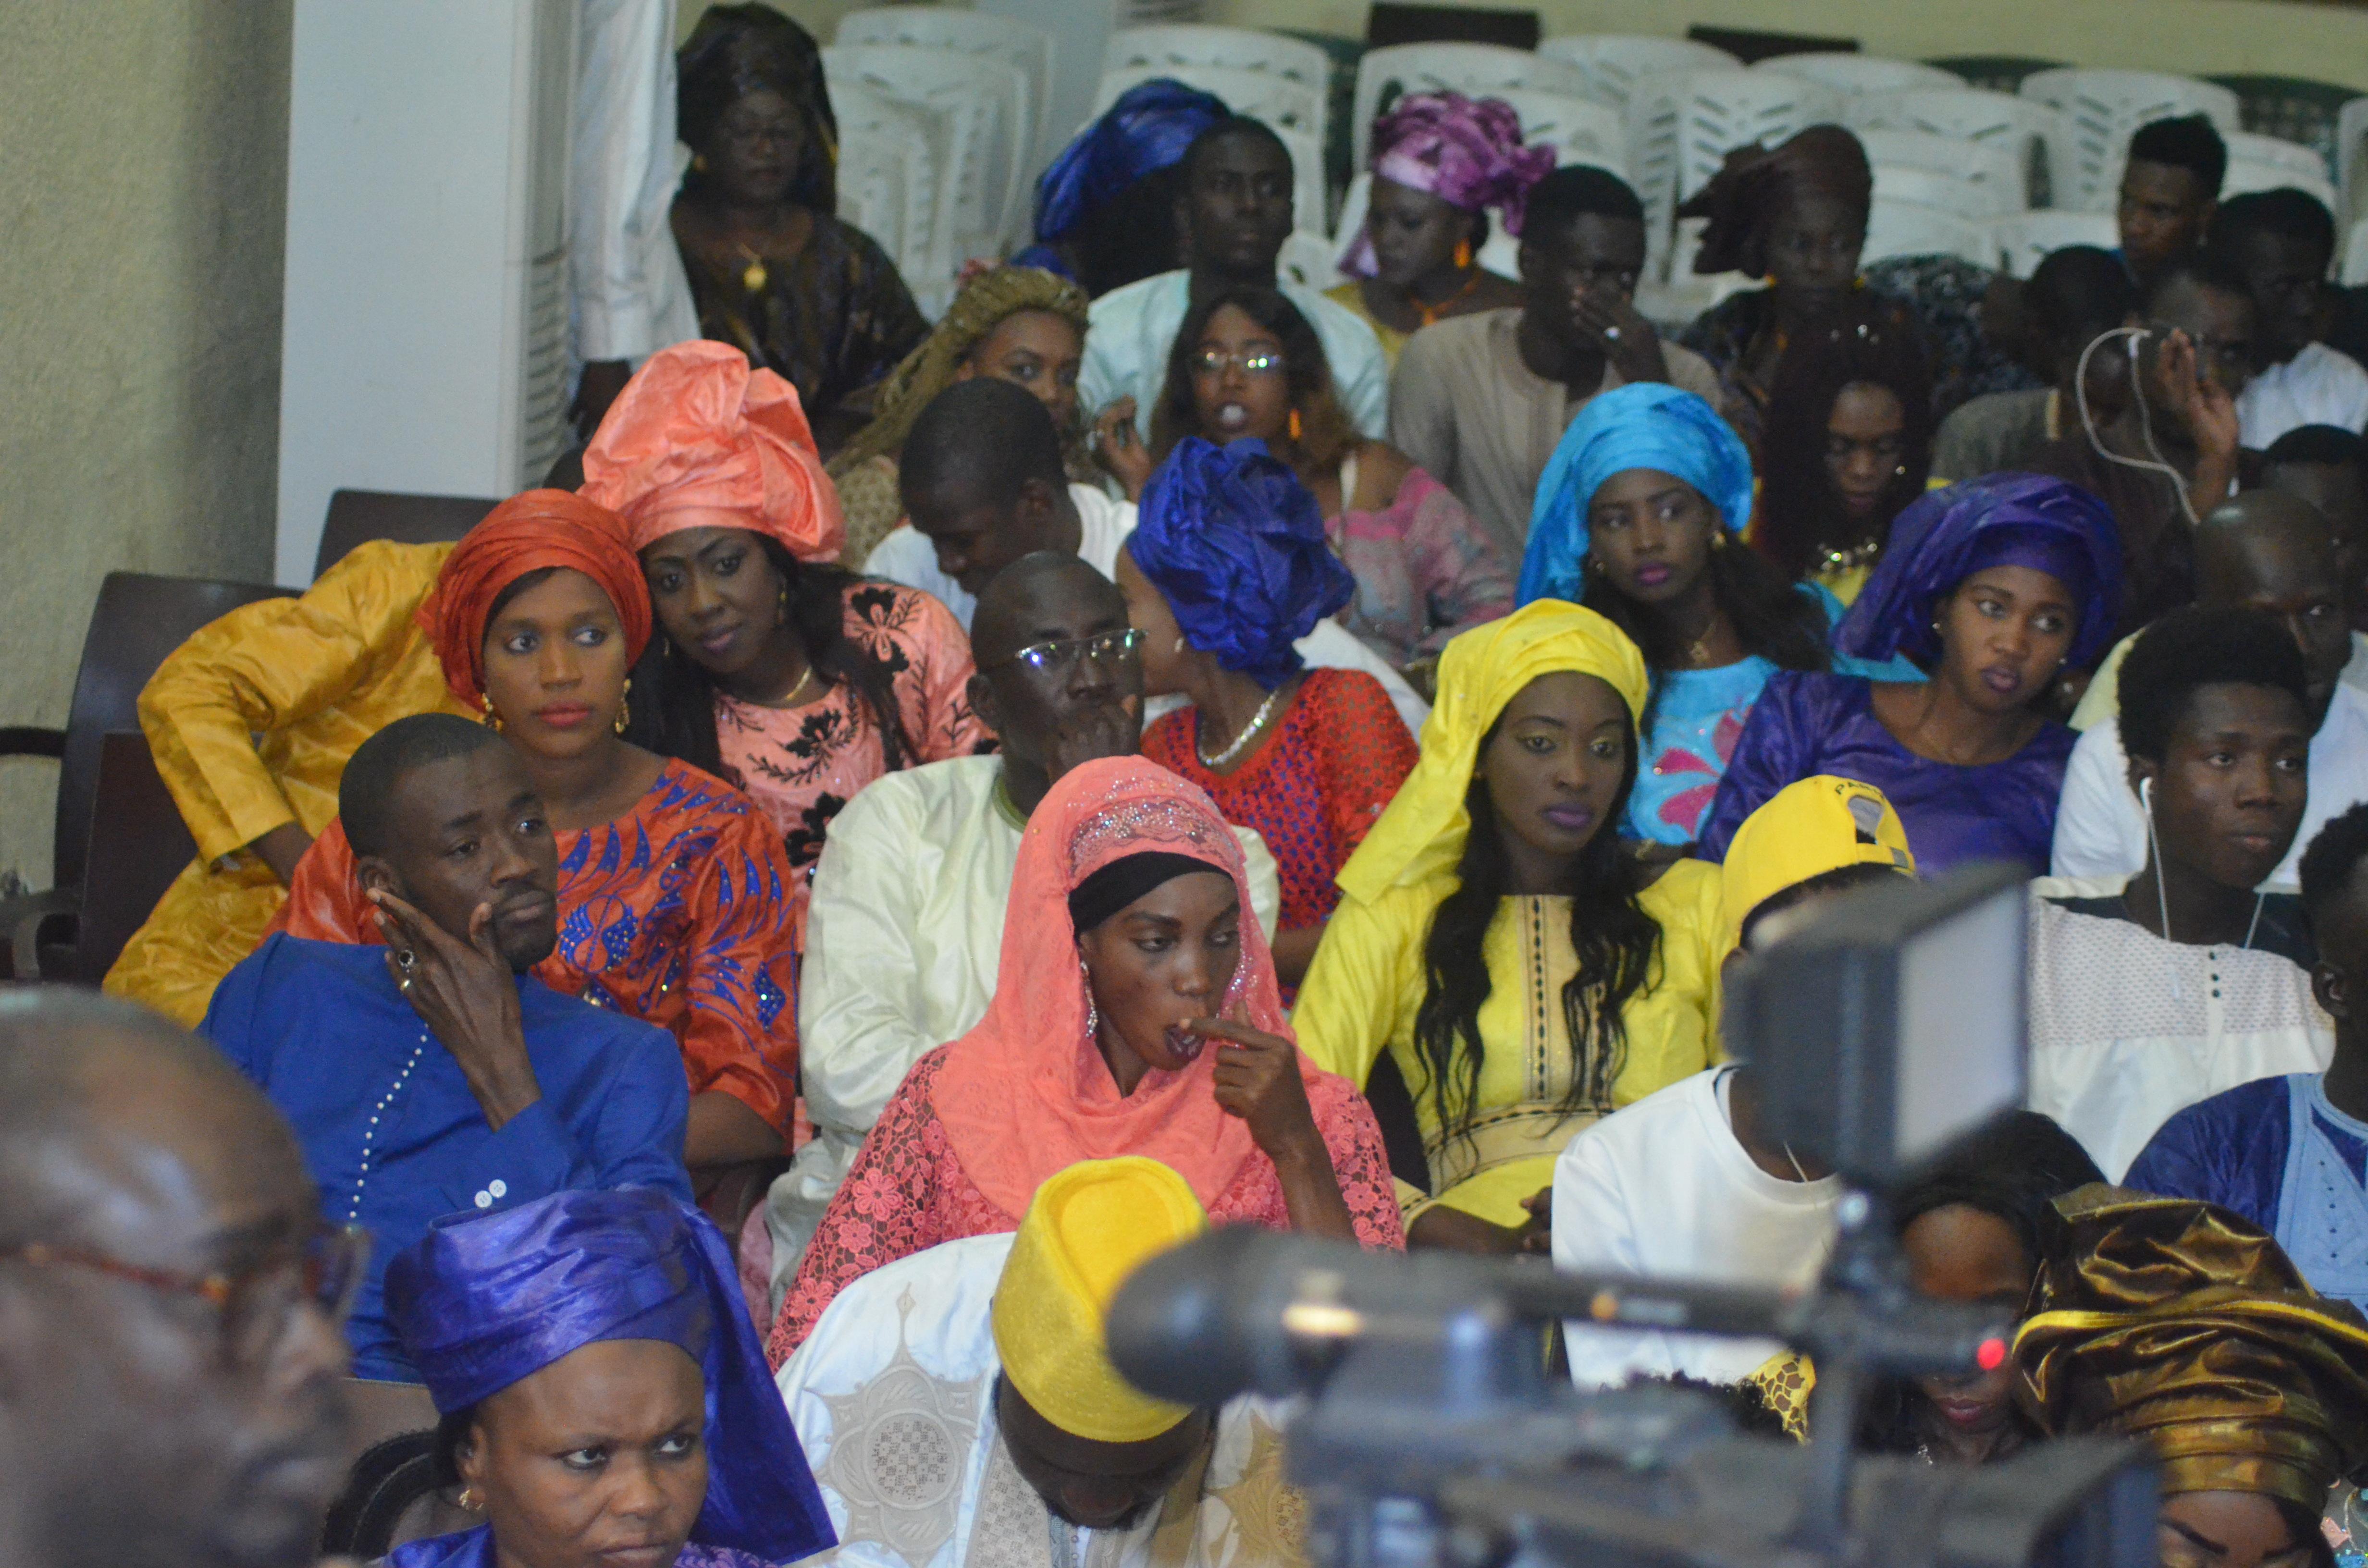 Première Edition soirée culturelle de l'Association Boyinadji Ma fierté de Bokidiawé, le parrain Bocar Abdoulaye Ly appelle à l'union des cœurs (4)